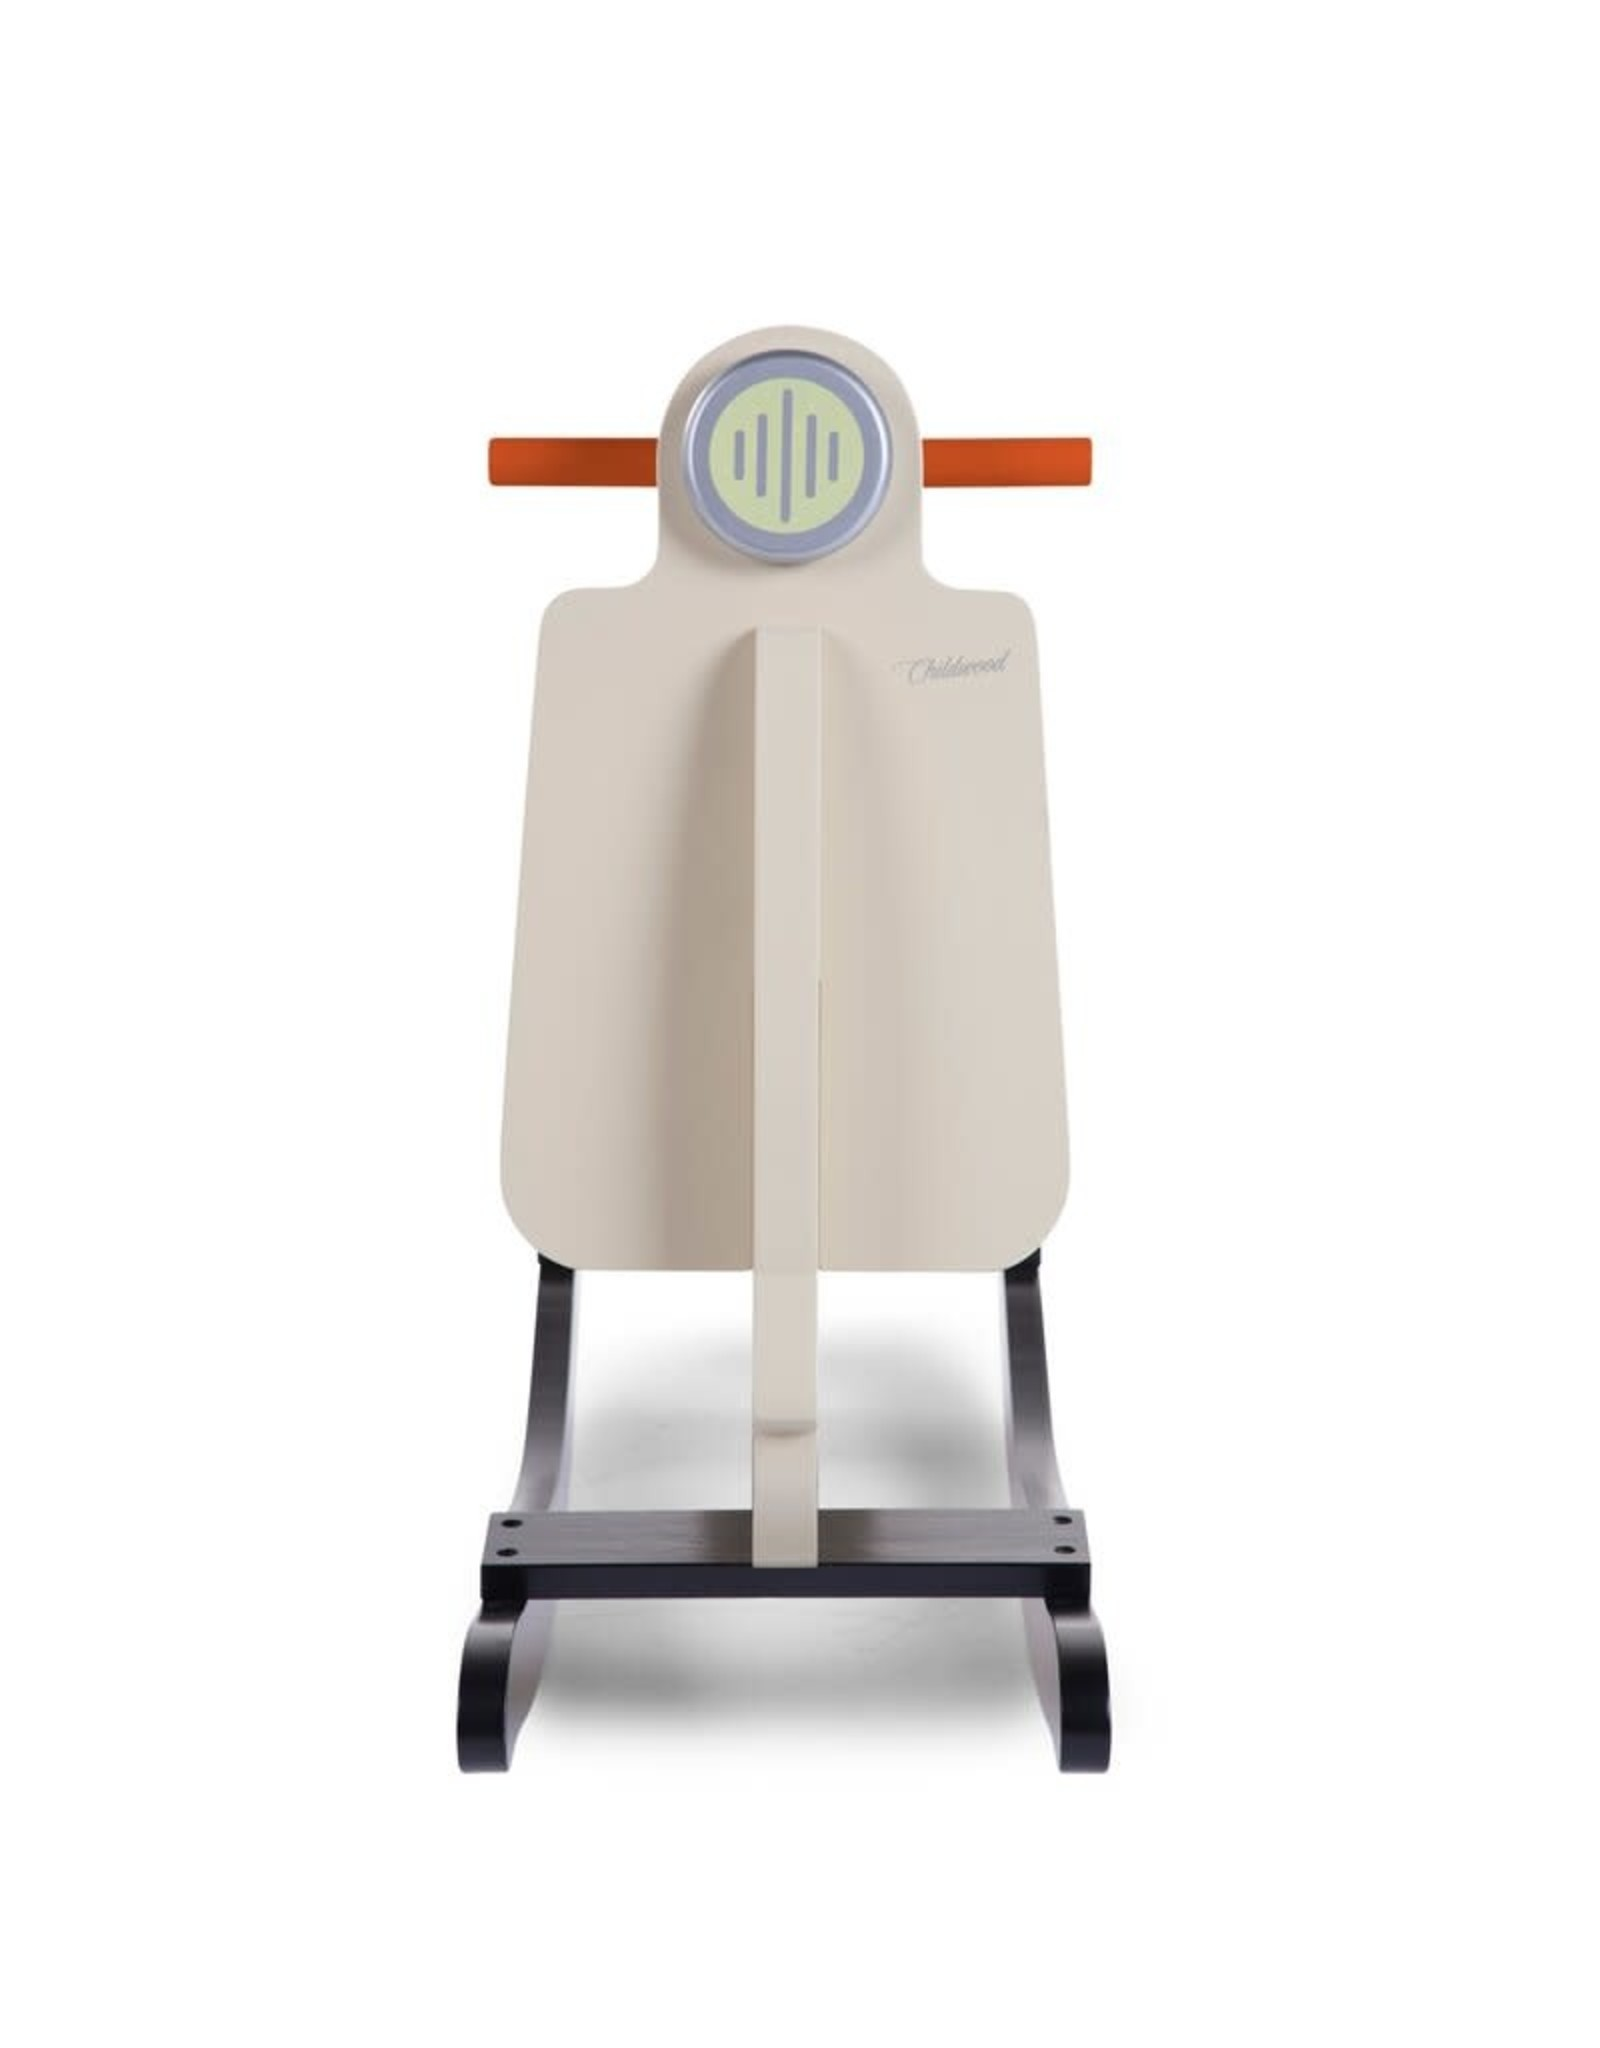 Childhome Childhome Schommel Scooter - MDF - Cream